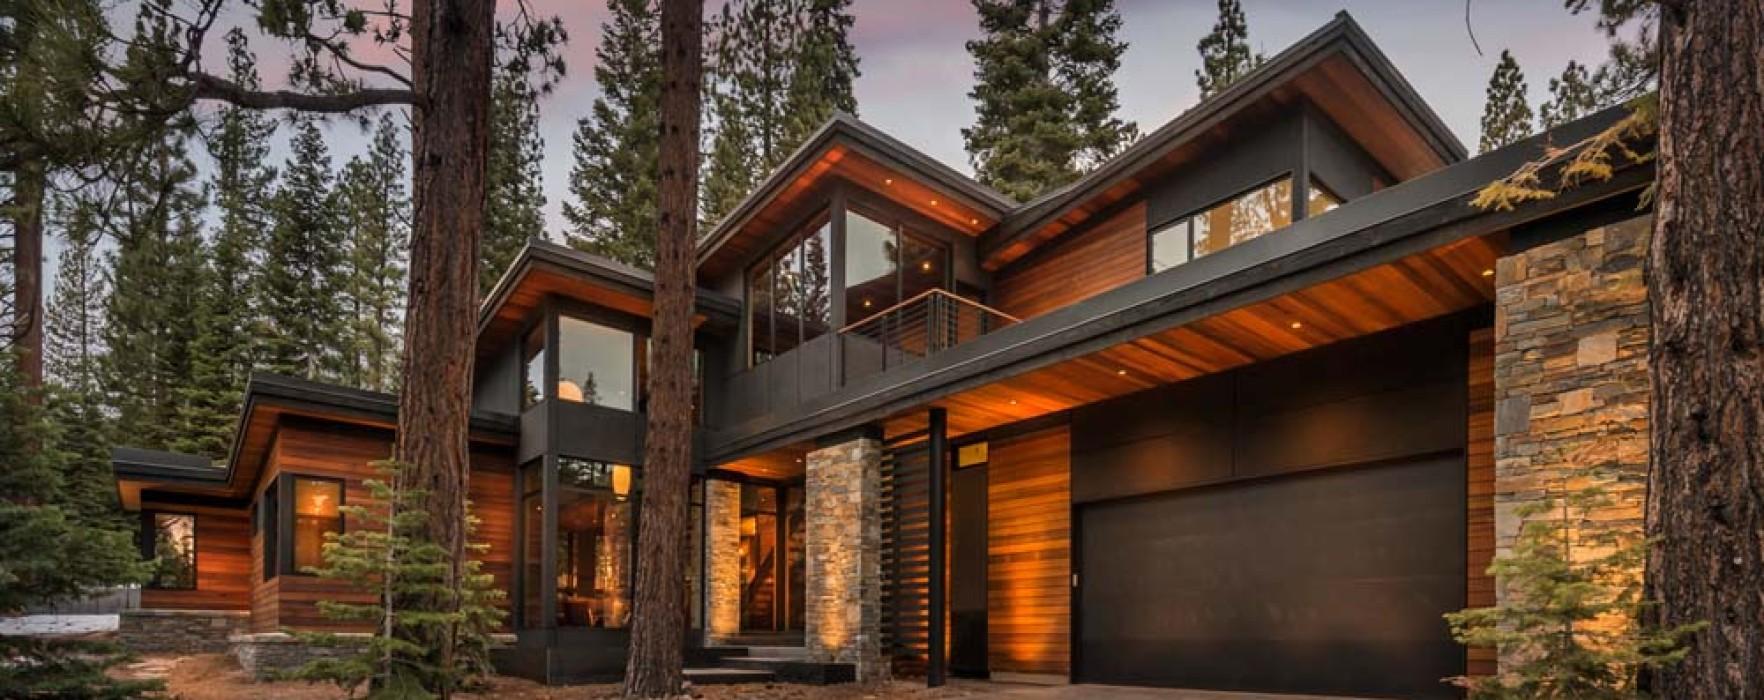 Fibra di legno vs lana di roccia per isolare una casa in